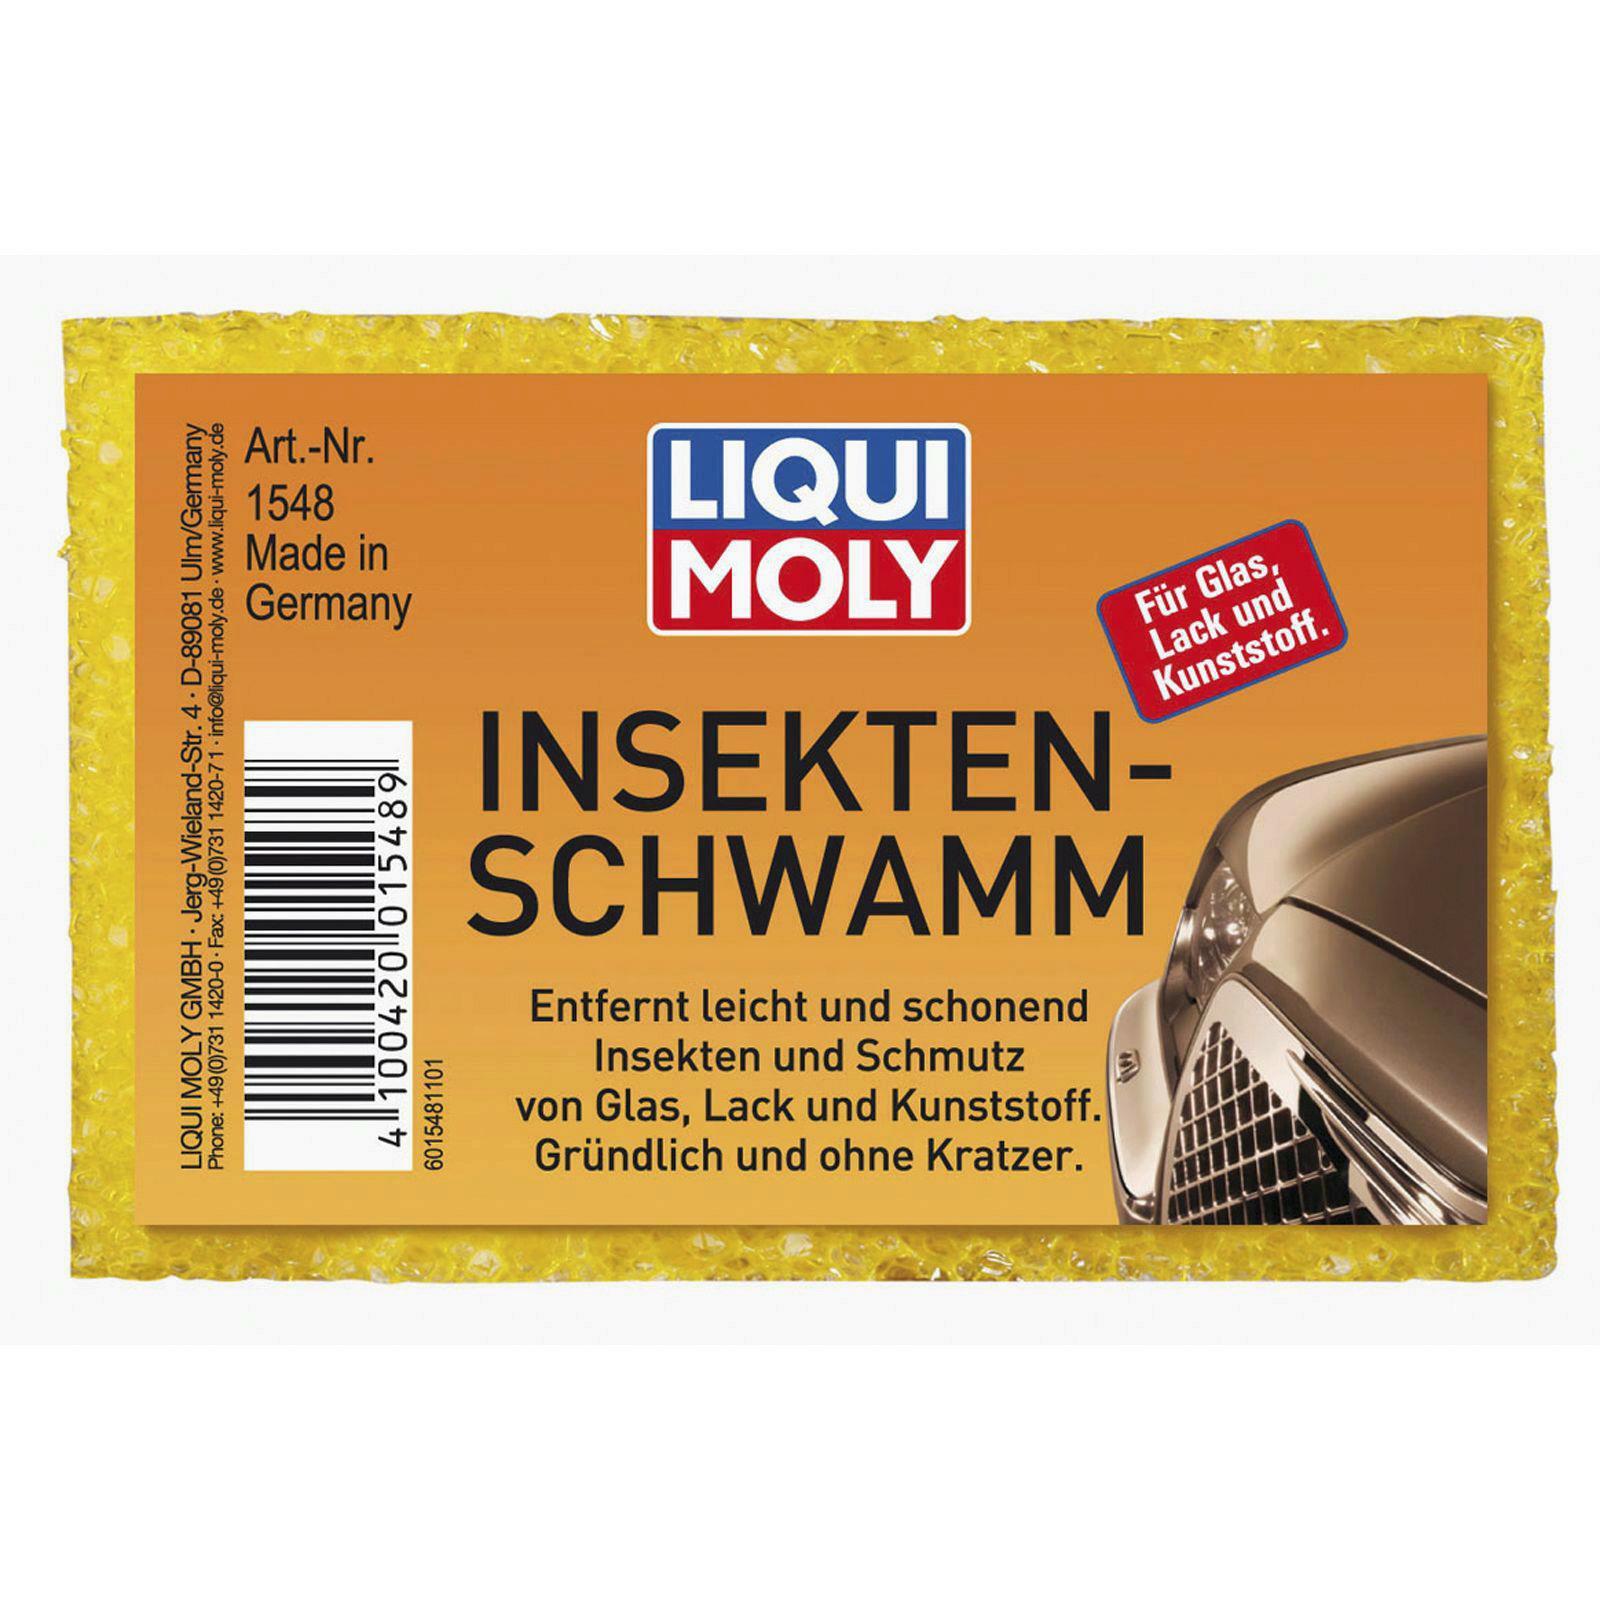 Liqui Moly Insekten-Schwamm